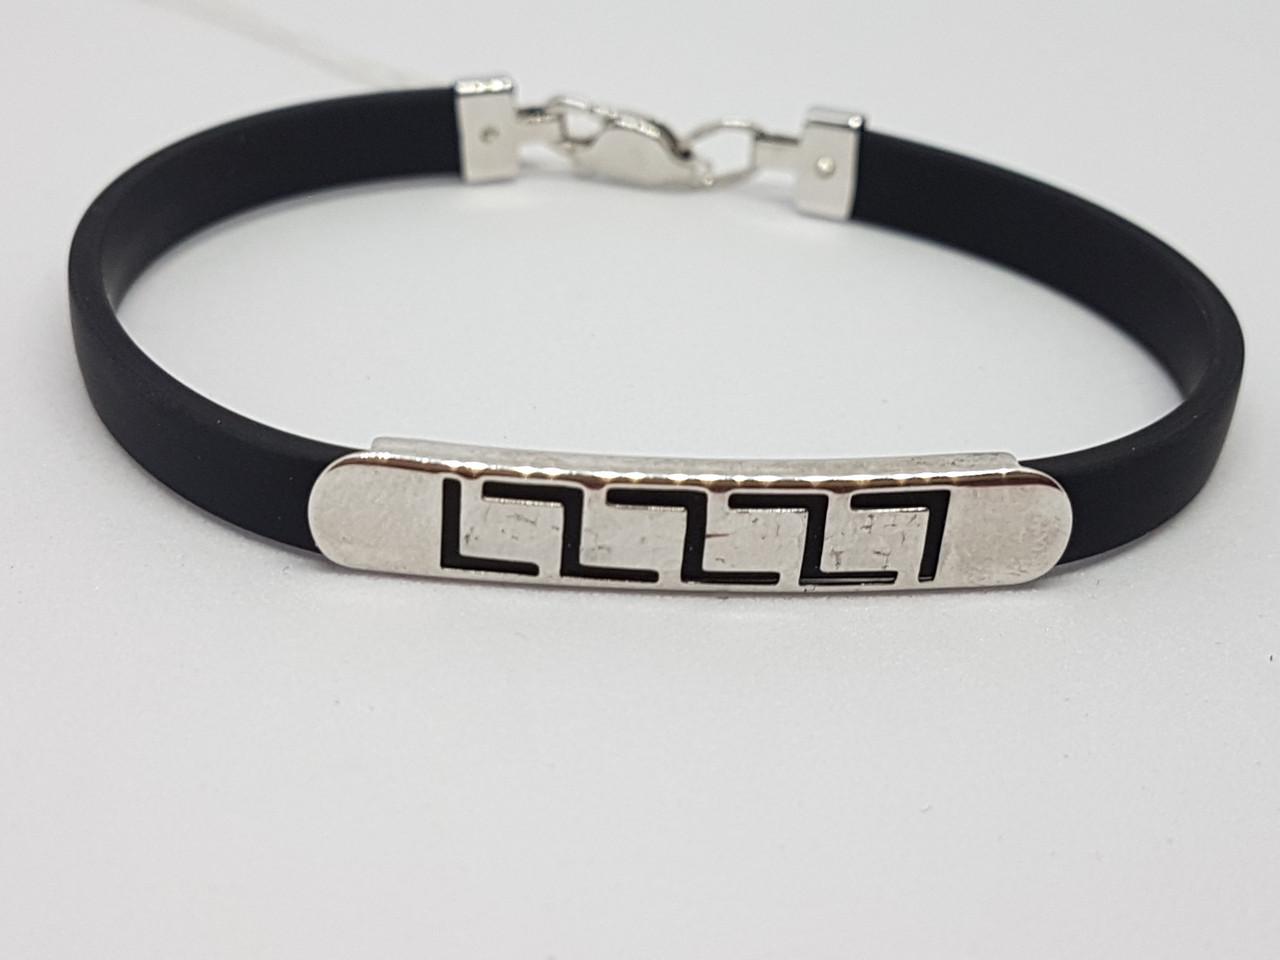 Срібний браслет з каучуком. Артикул 910031С 18